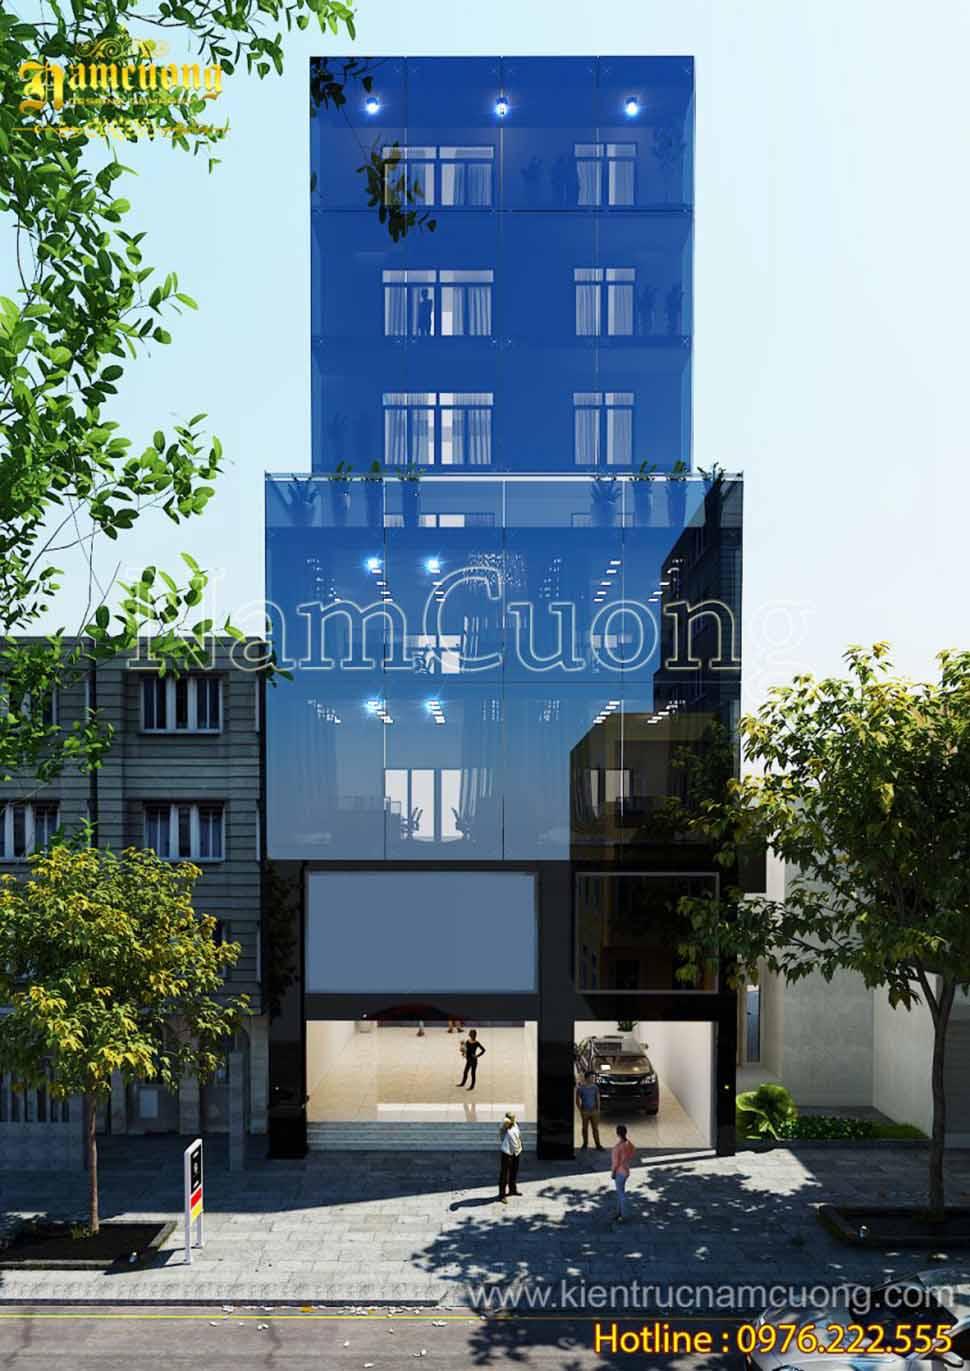 Mẫu thiết kế trung tâm thương mại hiện đại cao cấp tại Sài Gòn